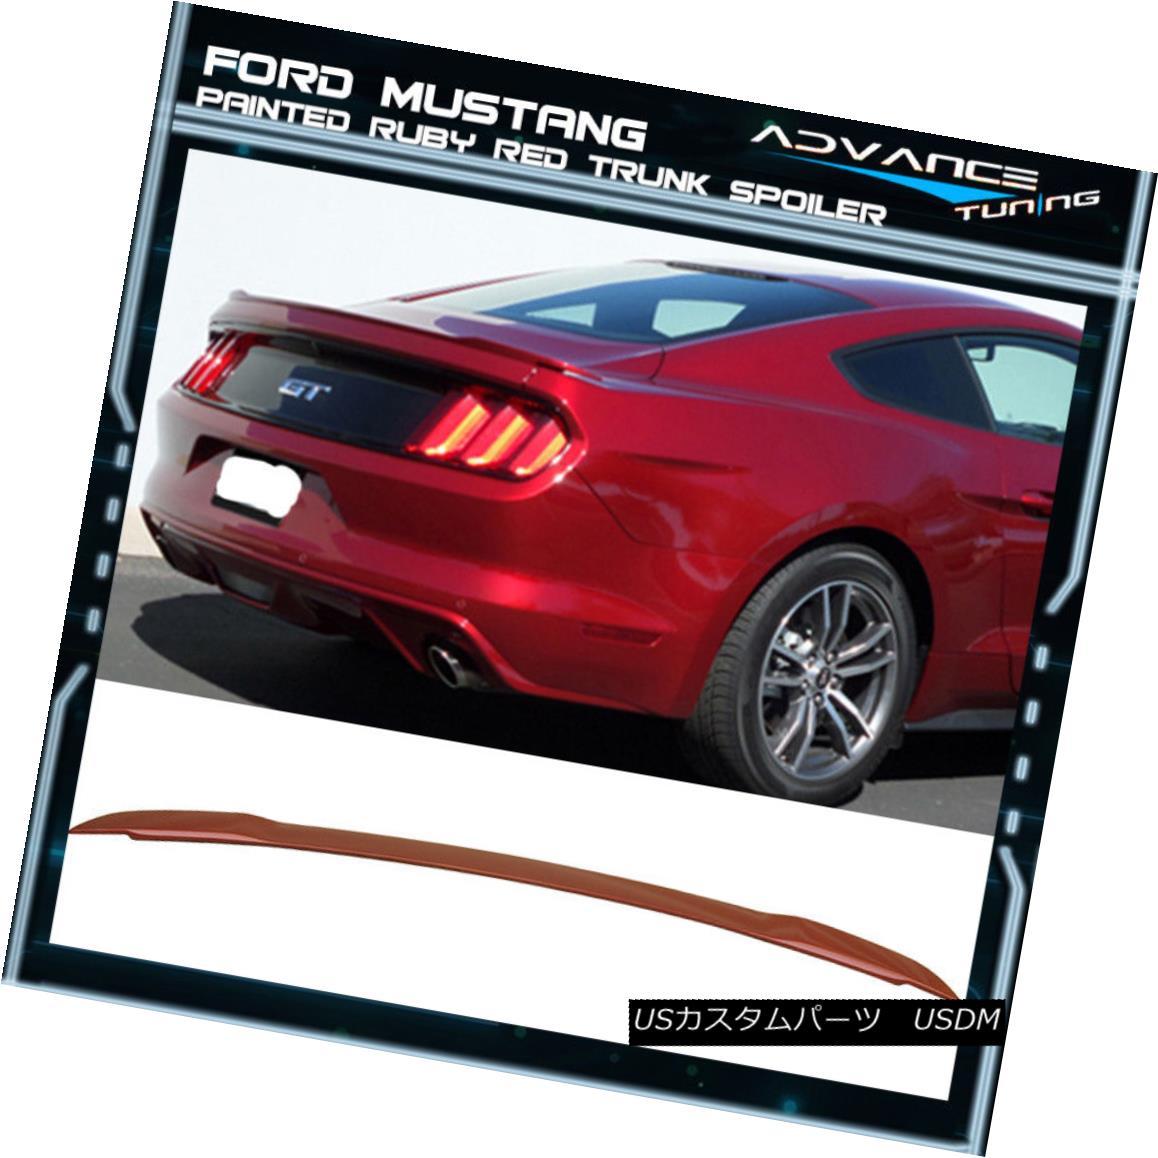 エアロパーツ 15-18 Ford Mustang GT Style Trunk Spoiler OEM Painted Color Ruby Red 15-18フォードマスタングGTスタイルのトランクスポイラーOEM塗装カラールビーレッド